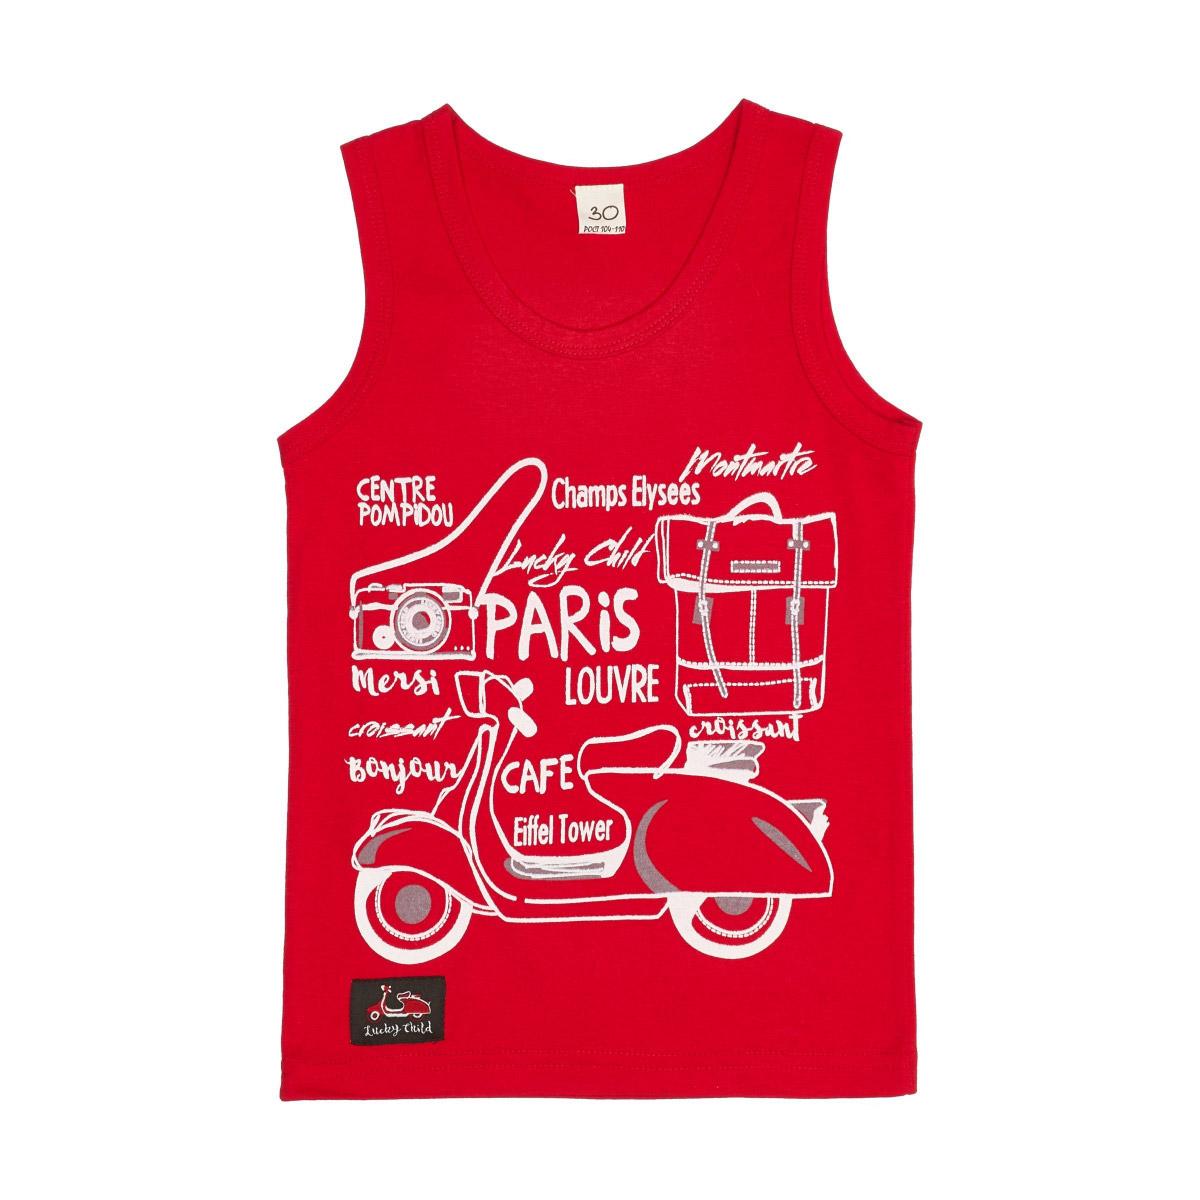 Купить Майка Lucky Child Лемур в Париже 92-98, Красный, Кулирка, Для мальчиков, Весна-Лето,